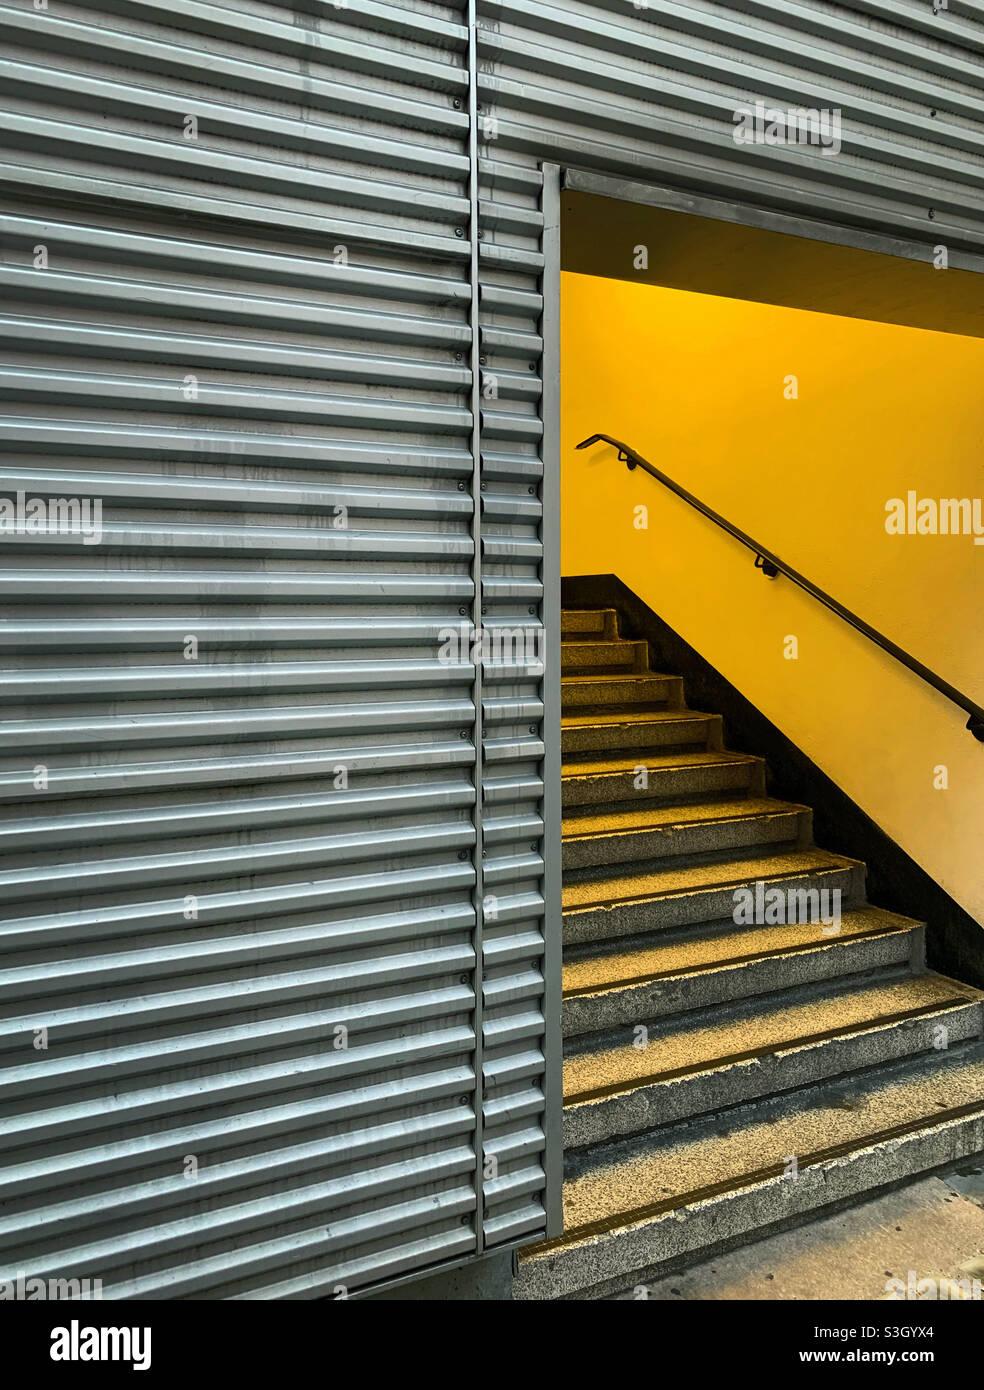 Una scala bagnata da luce gialla emergente da un edificio rivestito di metallo Foto Stock